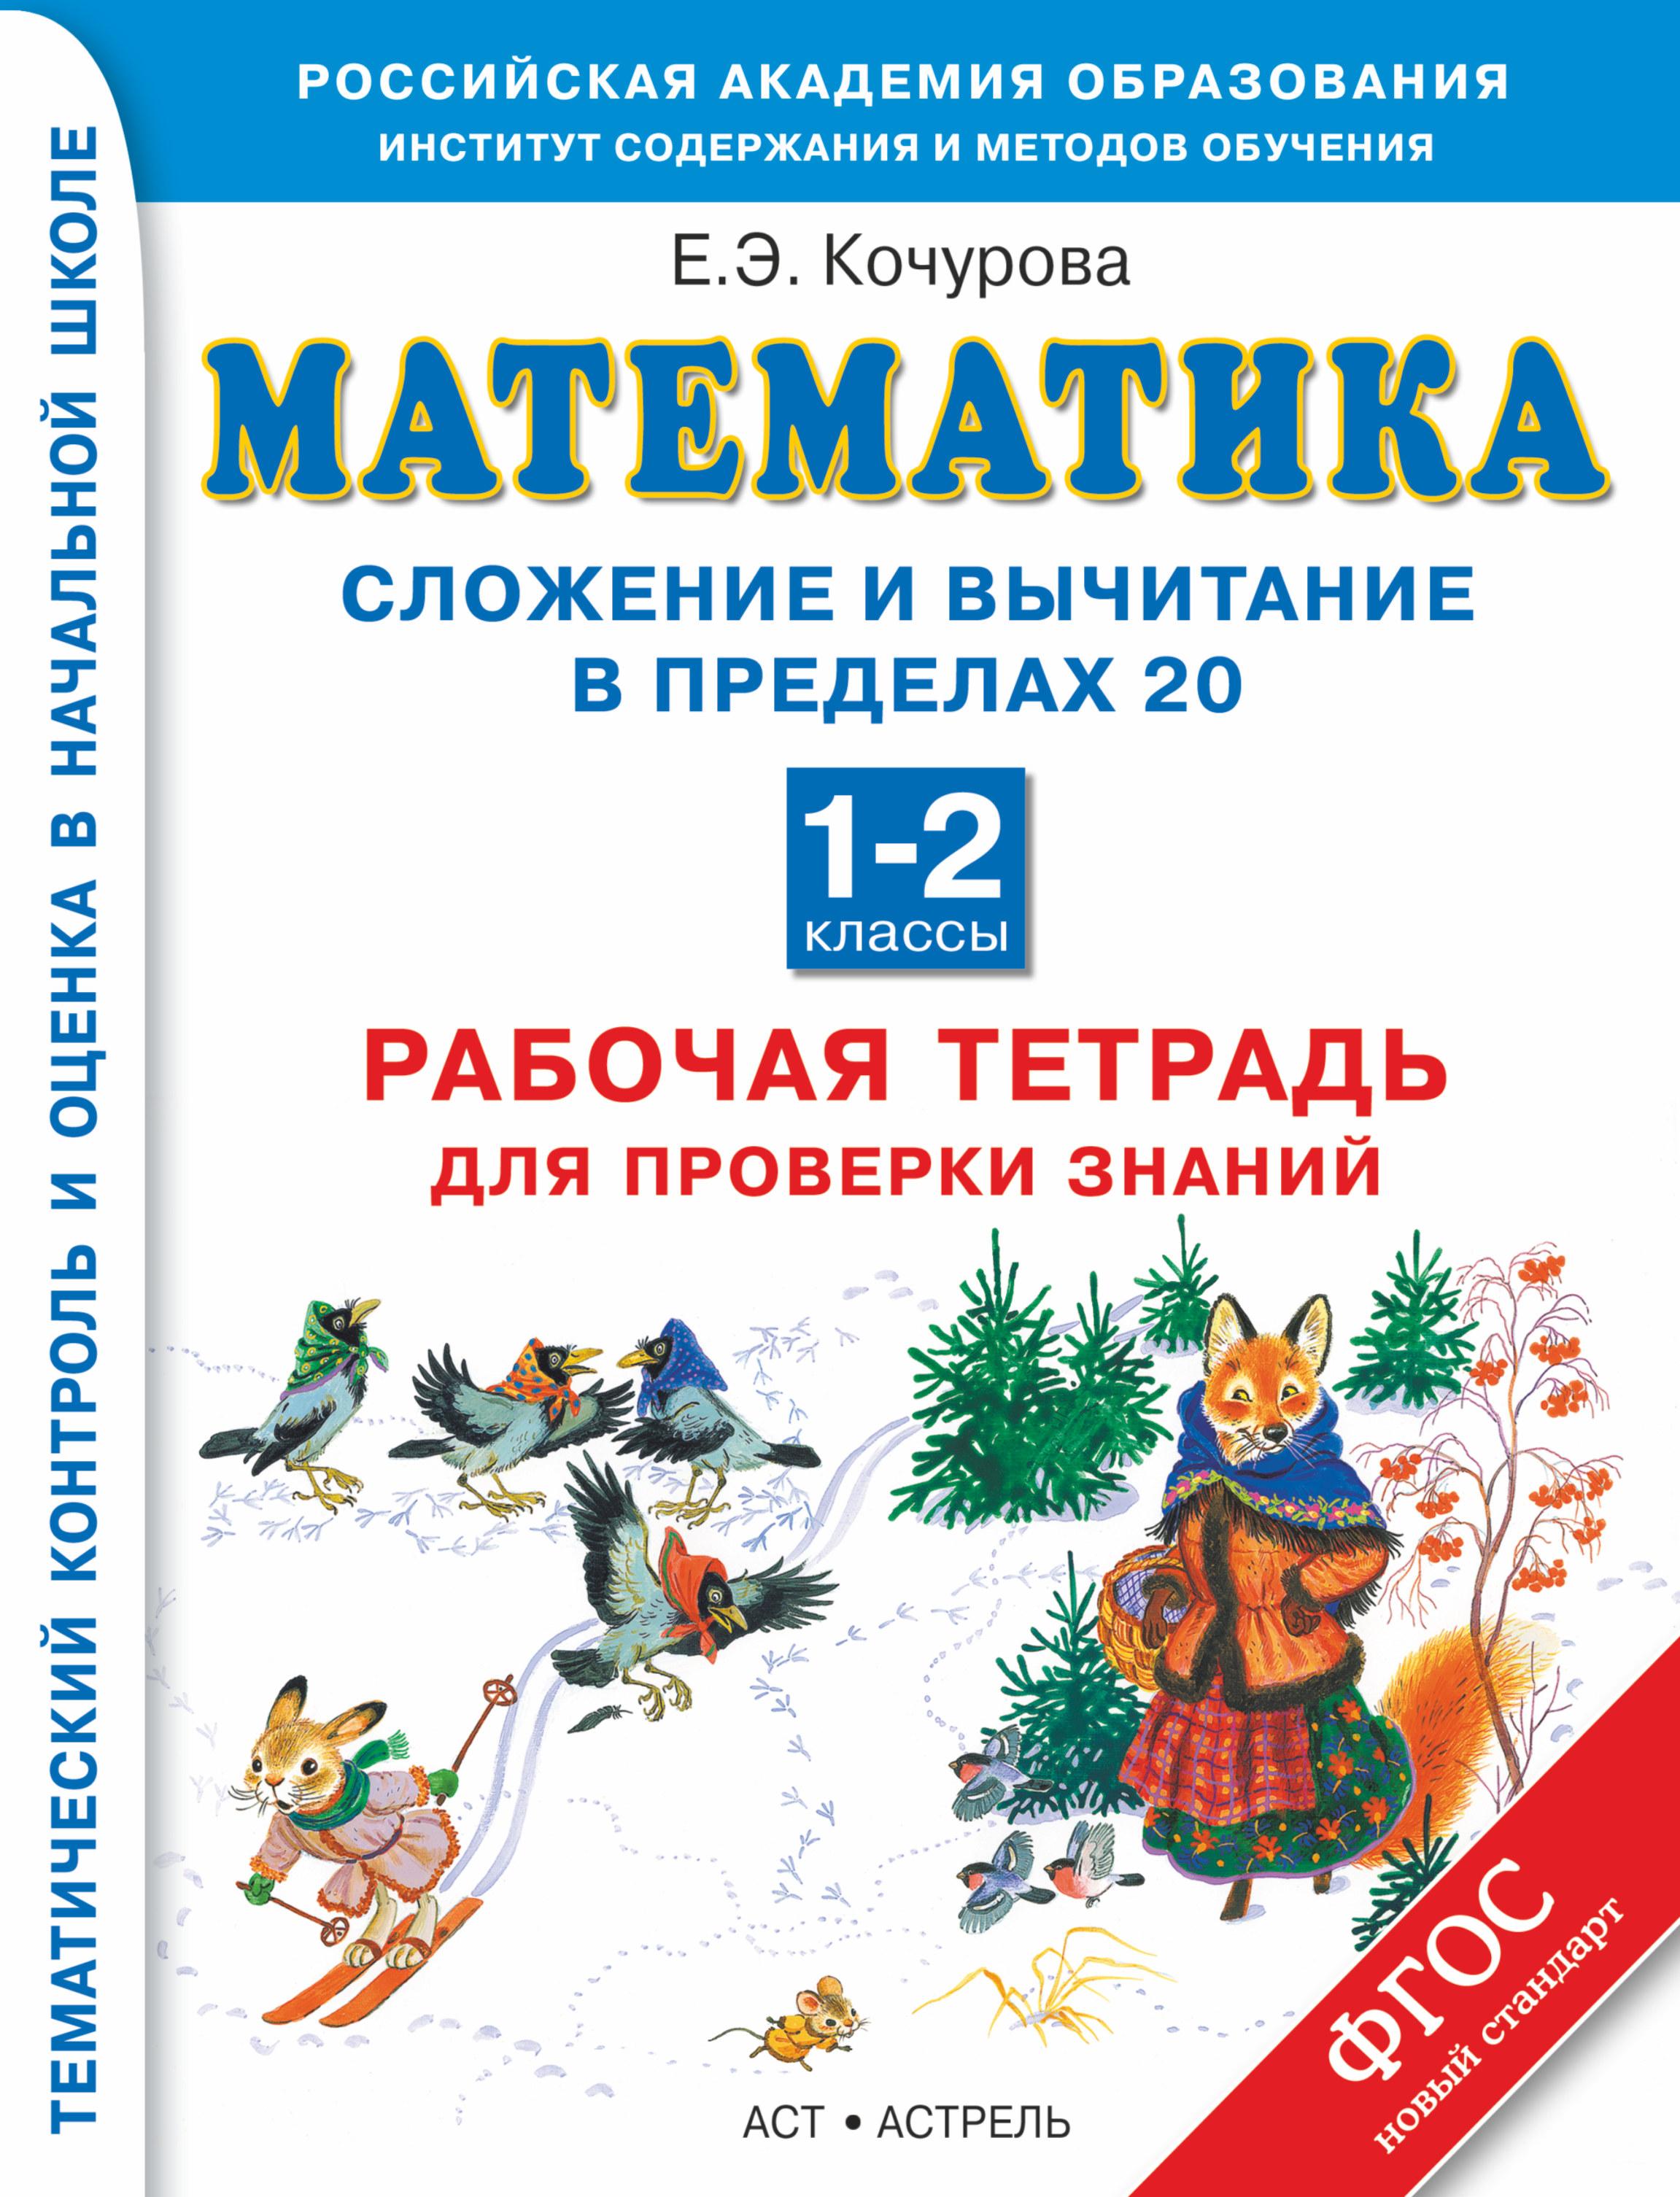 Сложение и вычитание в пределах 20. Математика. 1–2 классы. Рабочая тетрадь для проверки знаний